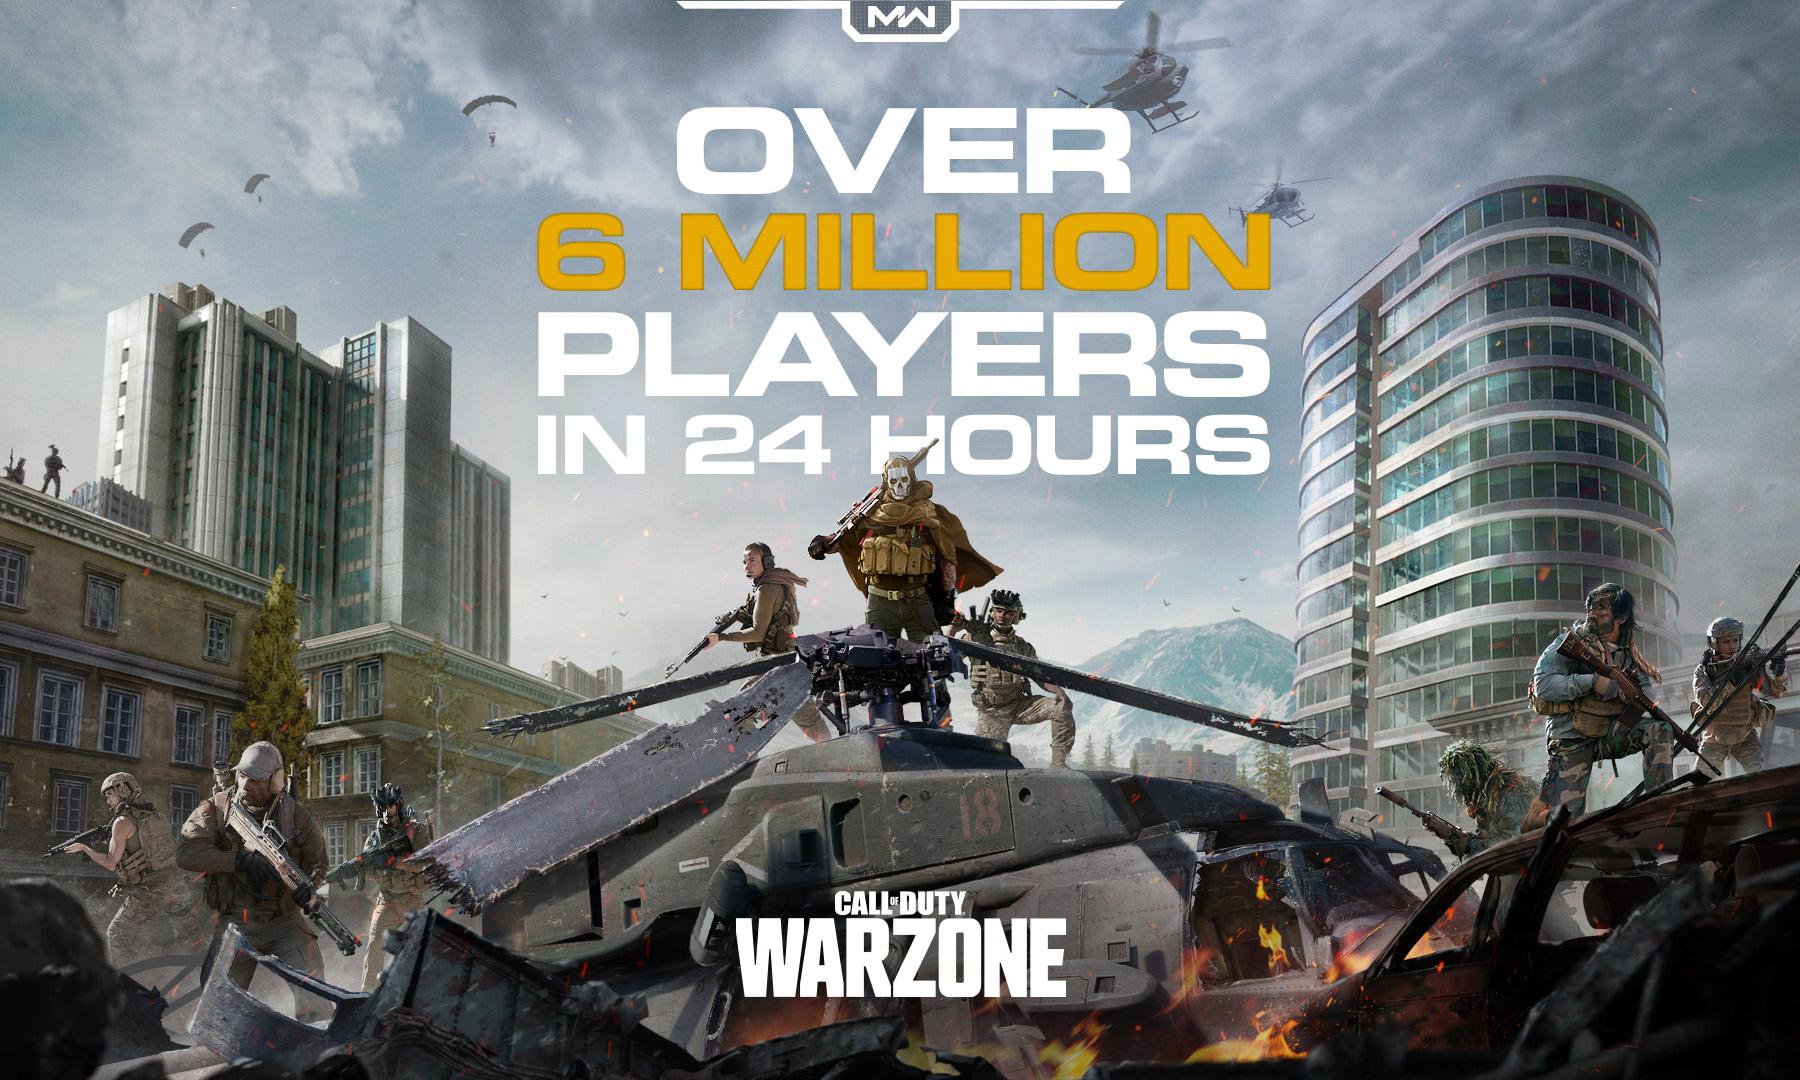 《使命召唤 16》吃鸡模式大火, 一天收获超 600 万玩家